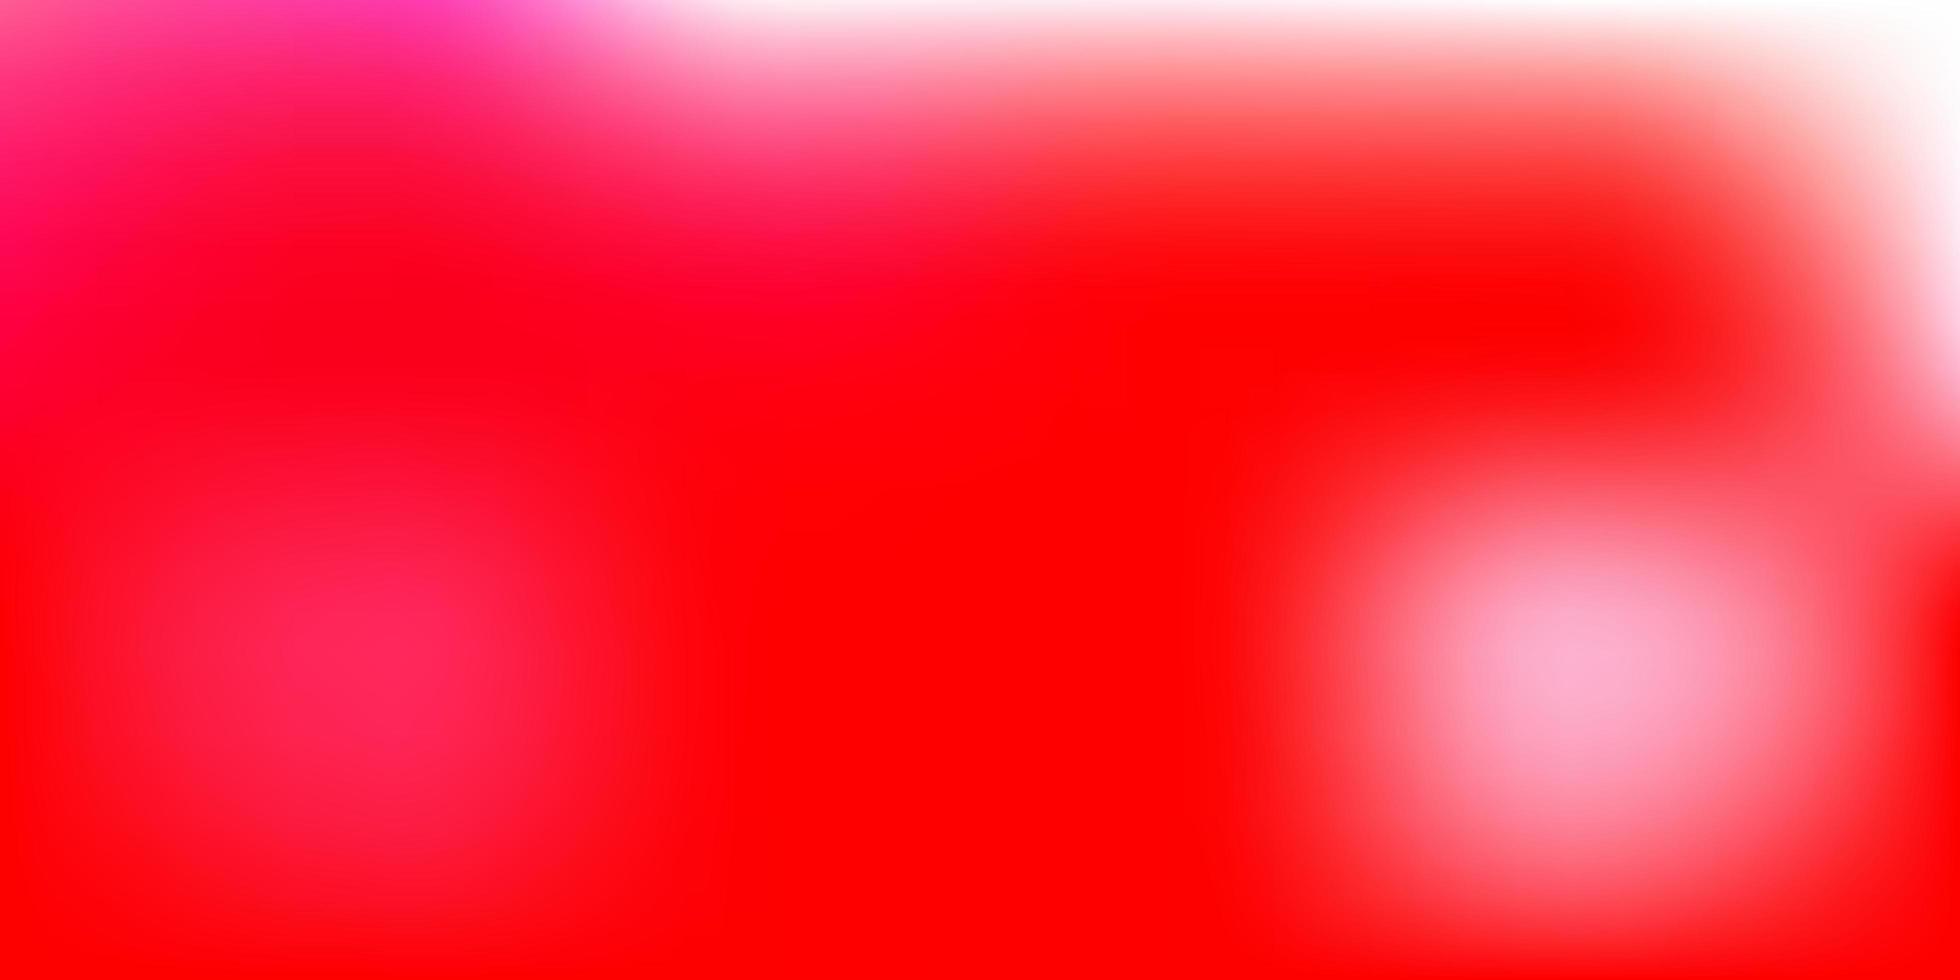 diseño de desenfoque degradado de vector rojo claro.